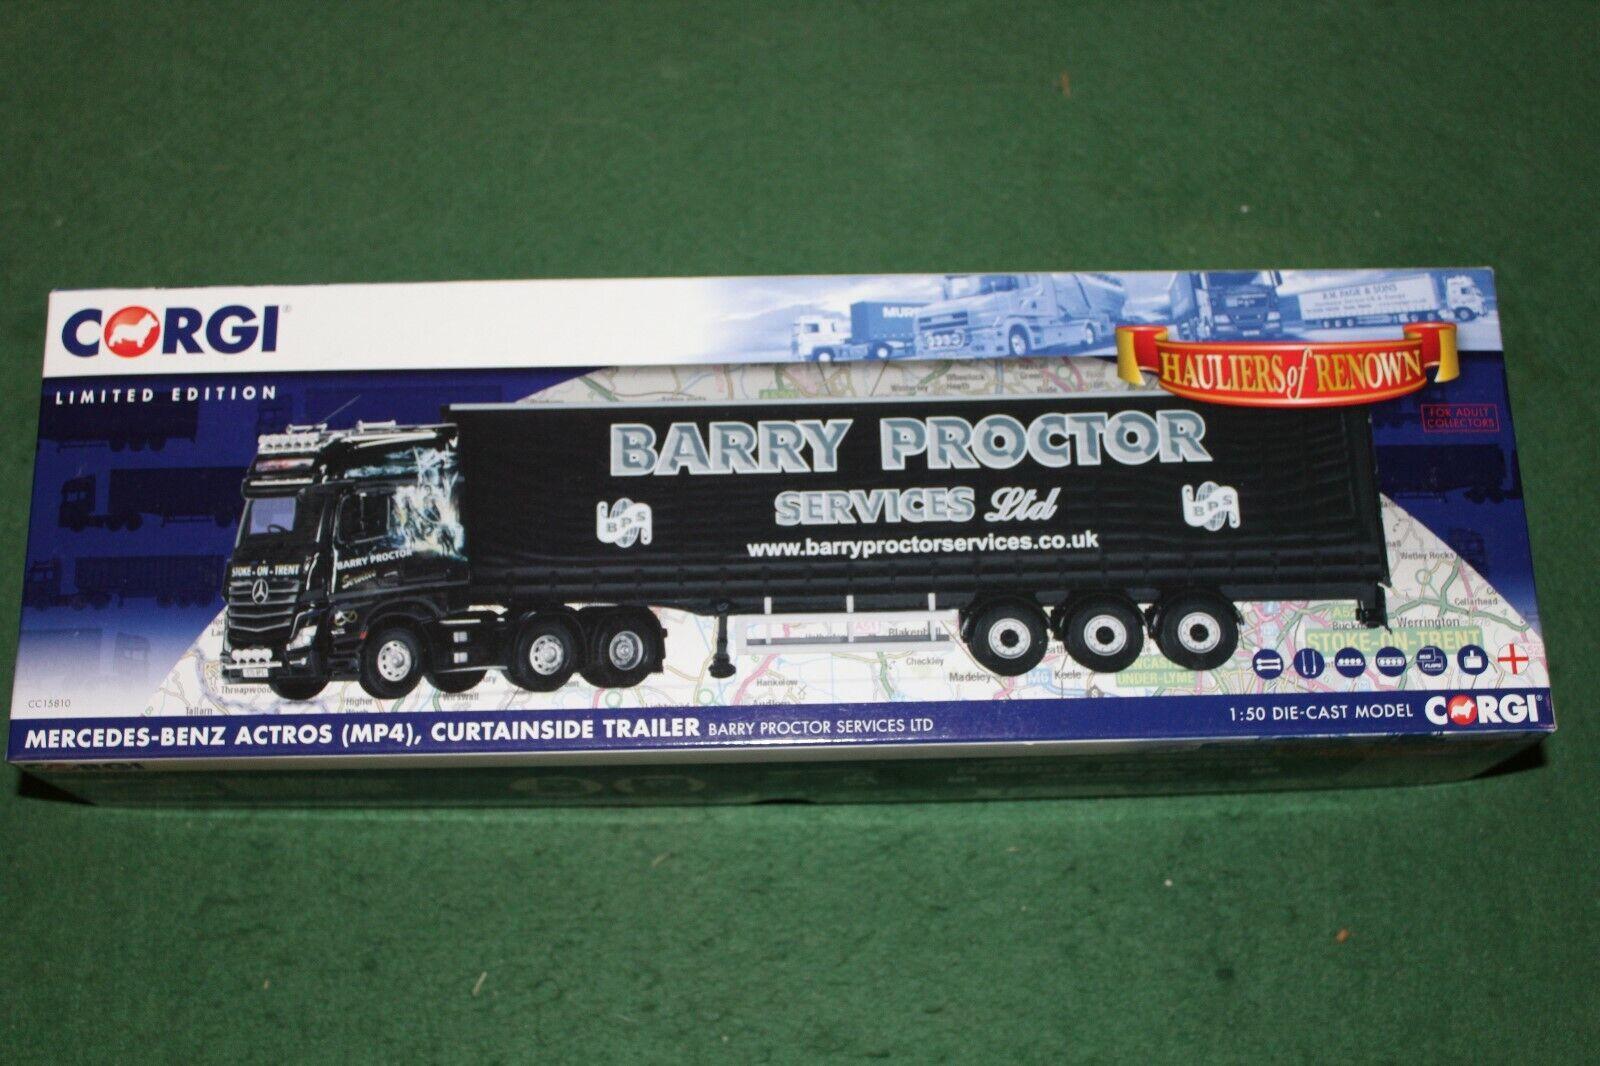 CORGI trasportatori di fama MERCEDES BENZ ACTROS MP4 in Barry proctorlivery CC15810